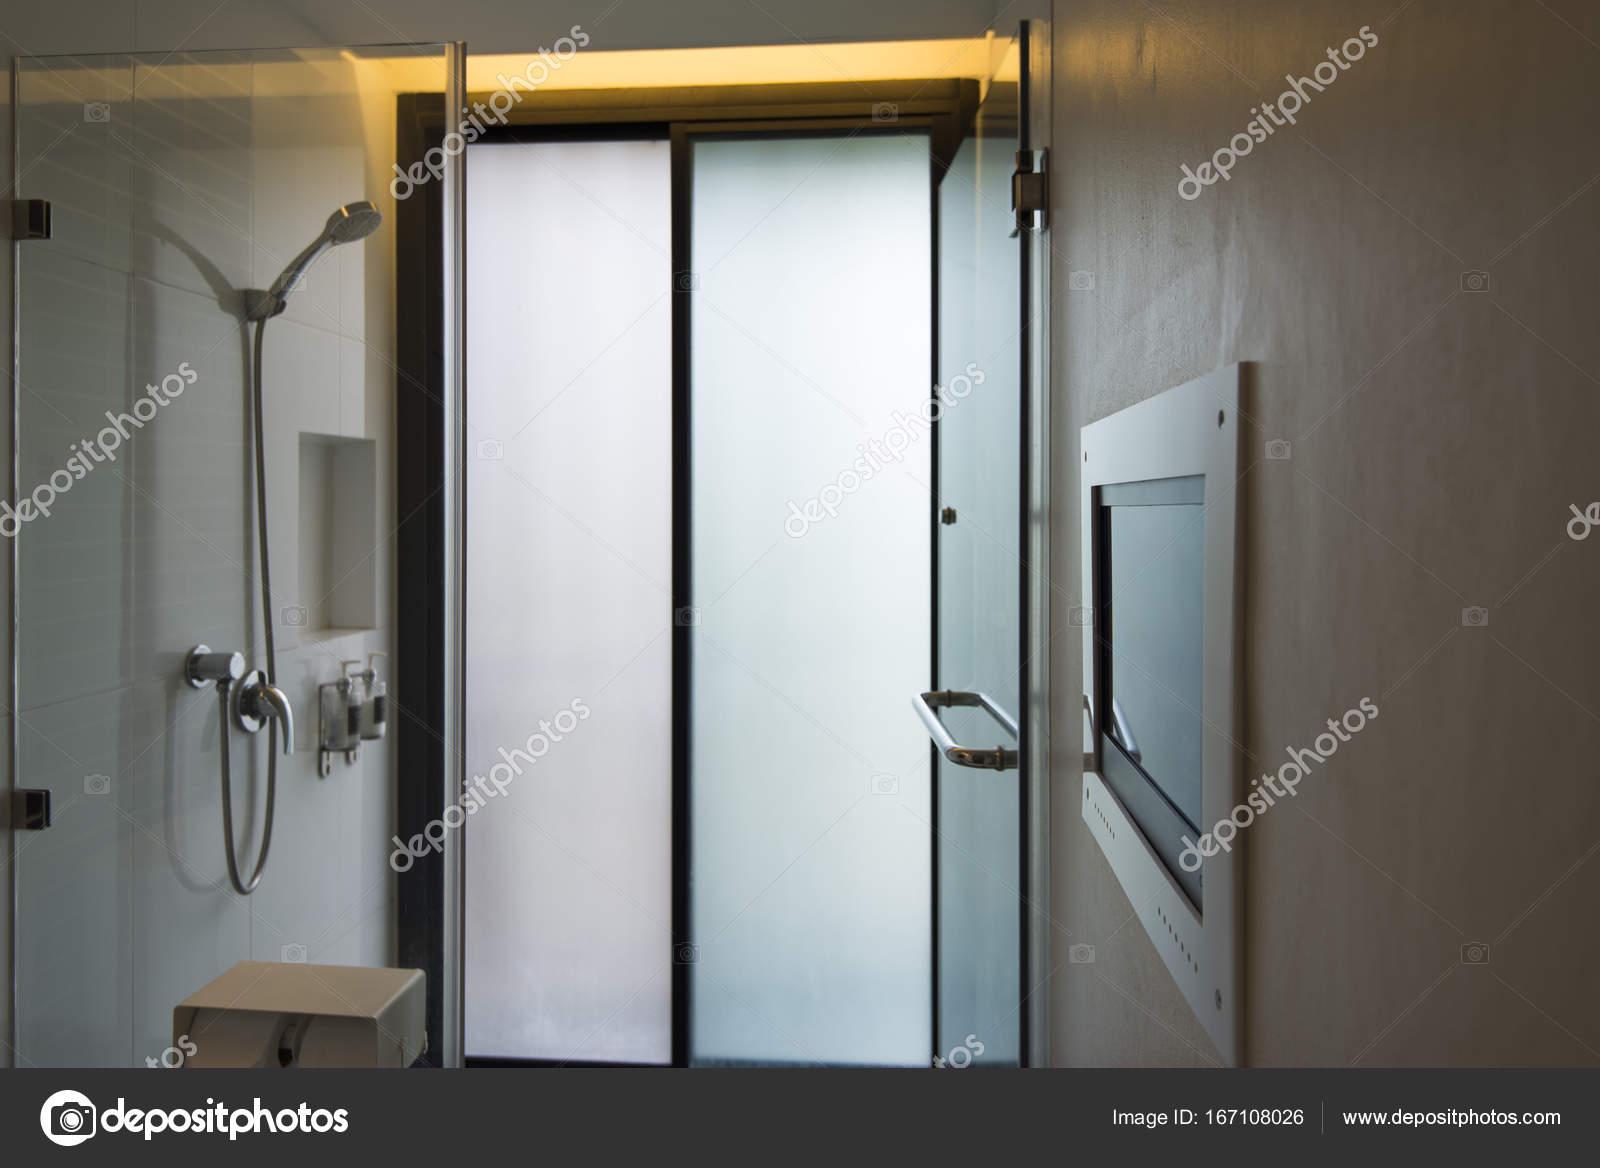 Salle De Bain Avec Tele ~ salle de bains moderne avec cran de t l vision photographie